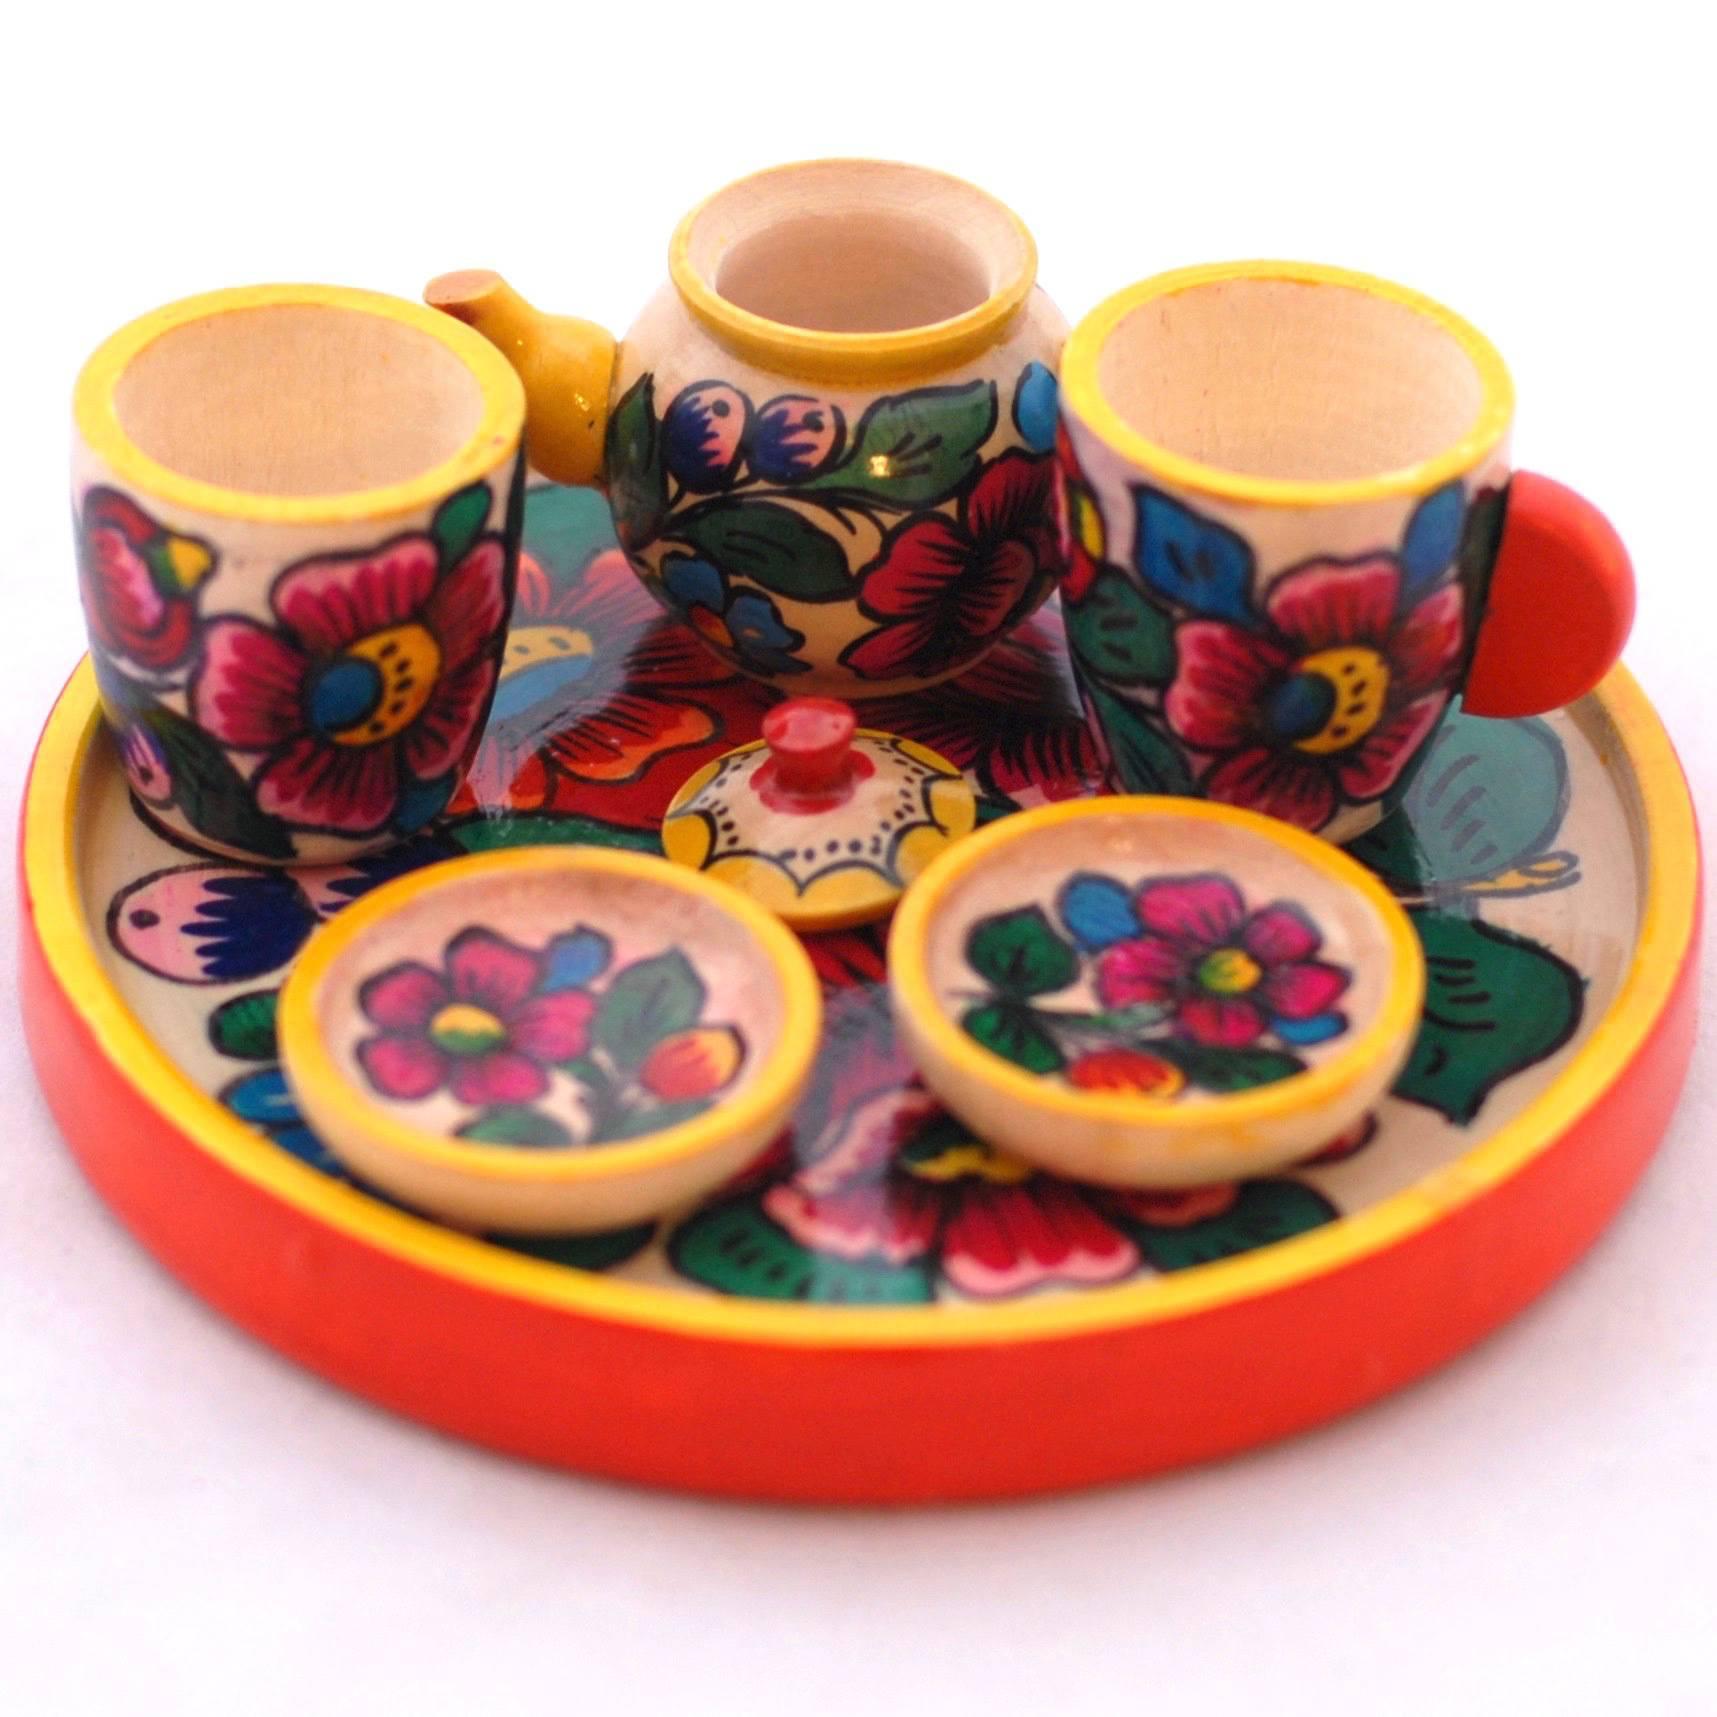 О чайных игрушках: украшение или необходимый атрибут чаепития?